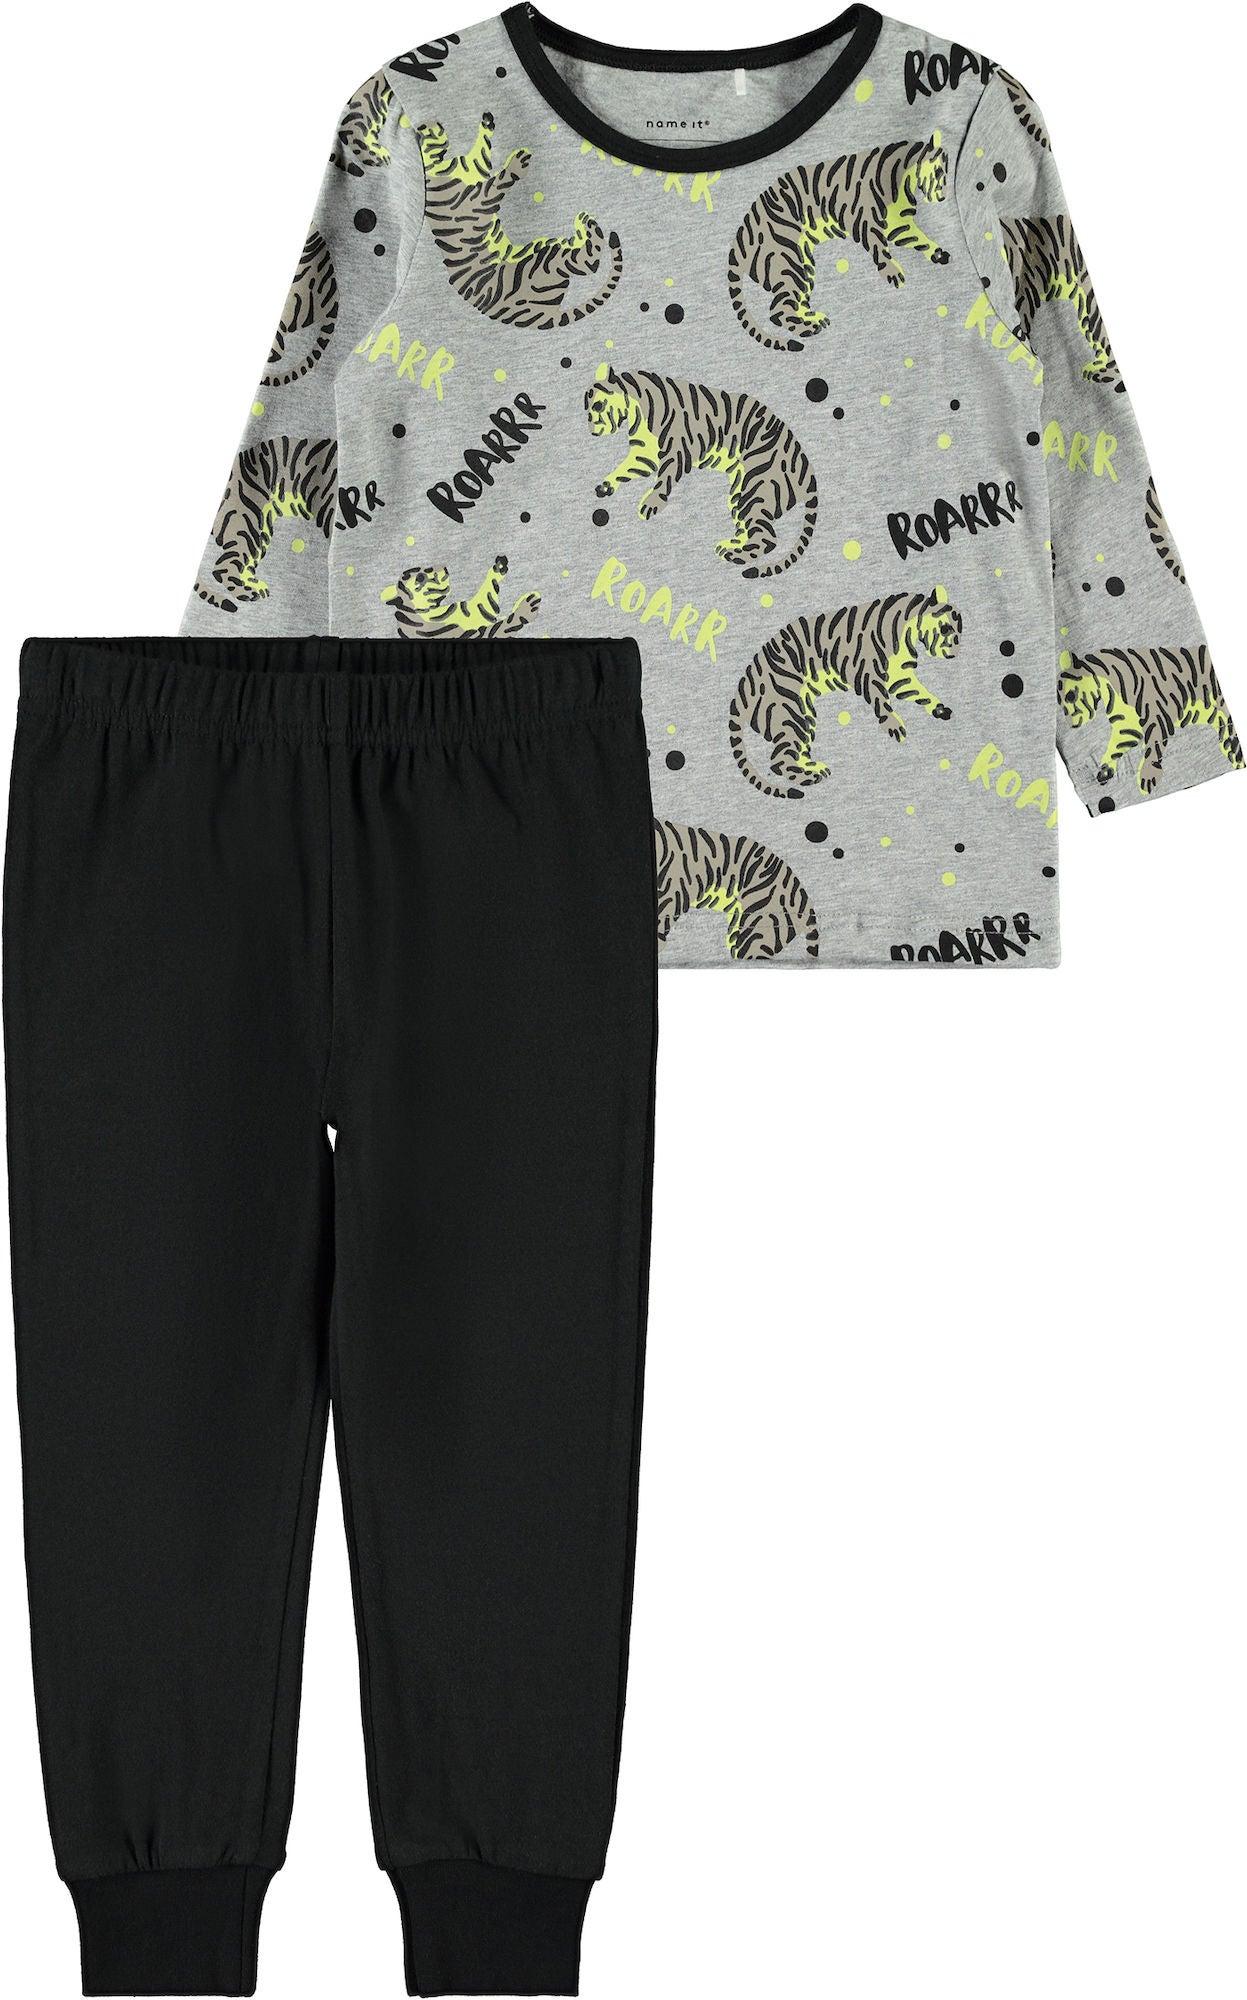 letzter Rabatt besserer Preis für Top Marken Kaufen Name it Schlafanzug, Grey Melange | Jollyroom